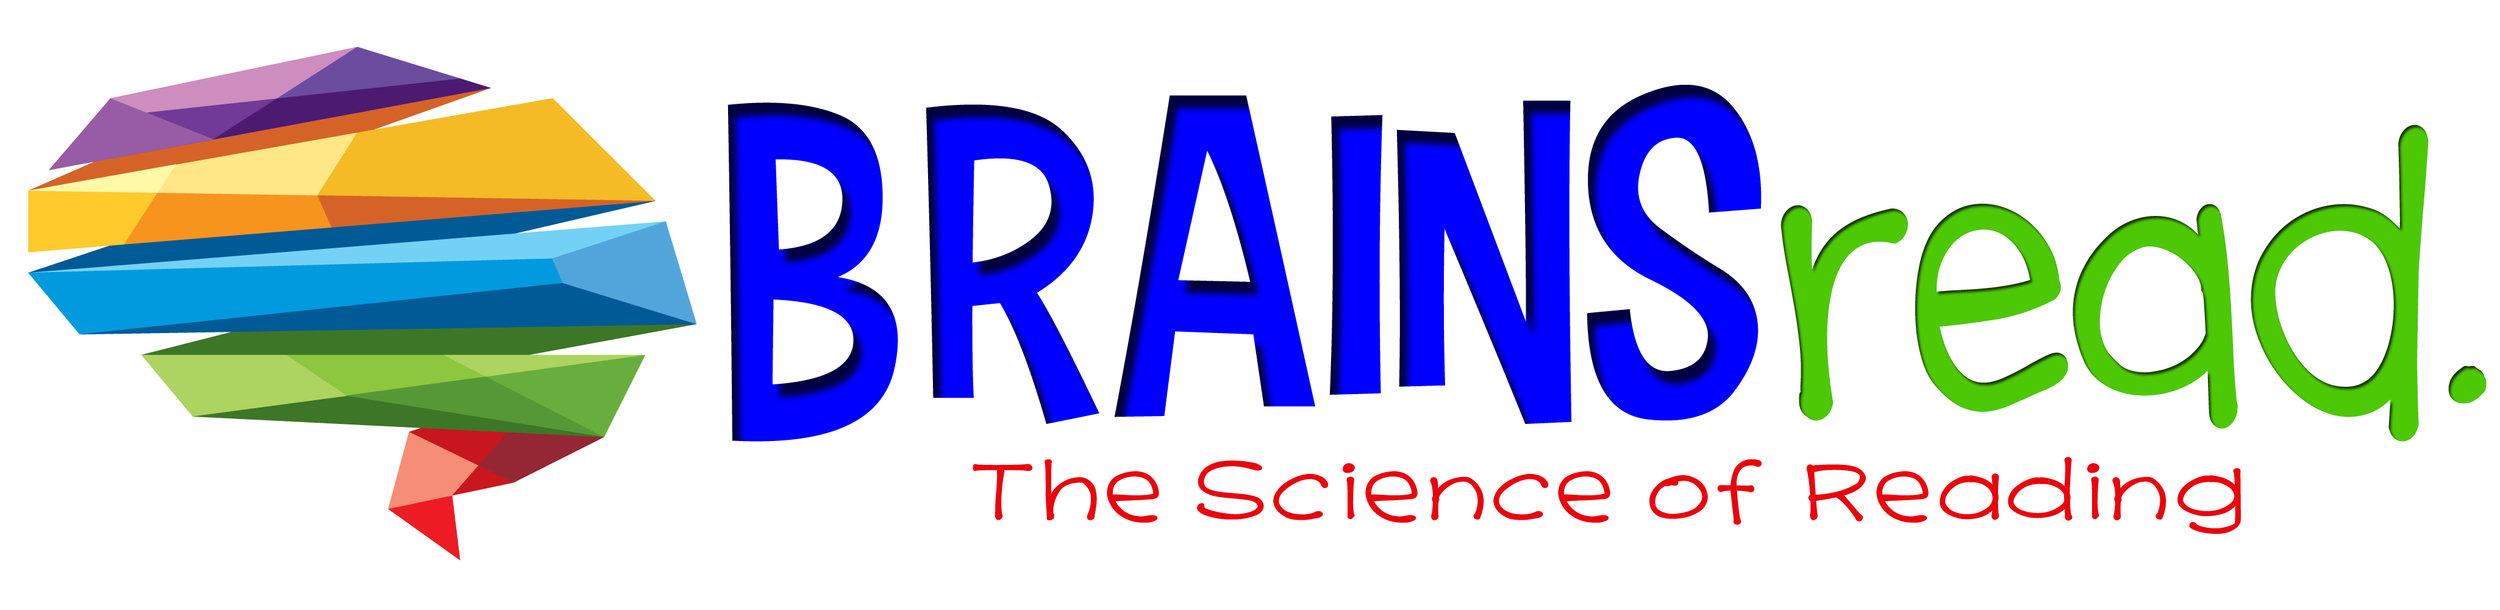 BRAINSread Main Logo-Wide.jpg